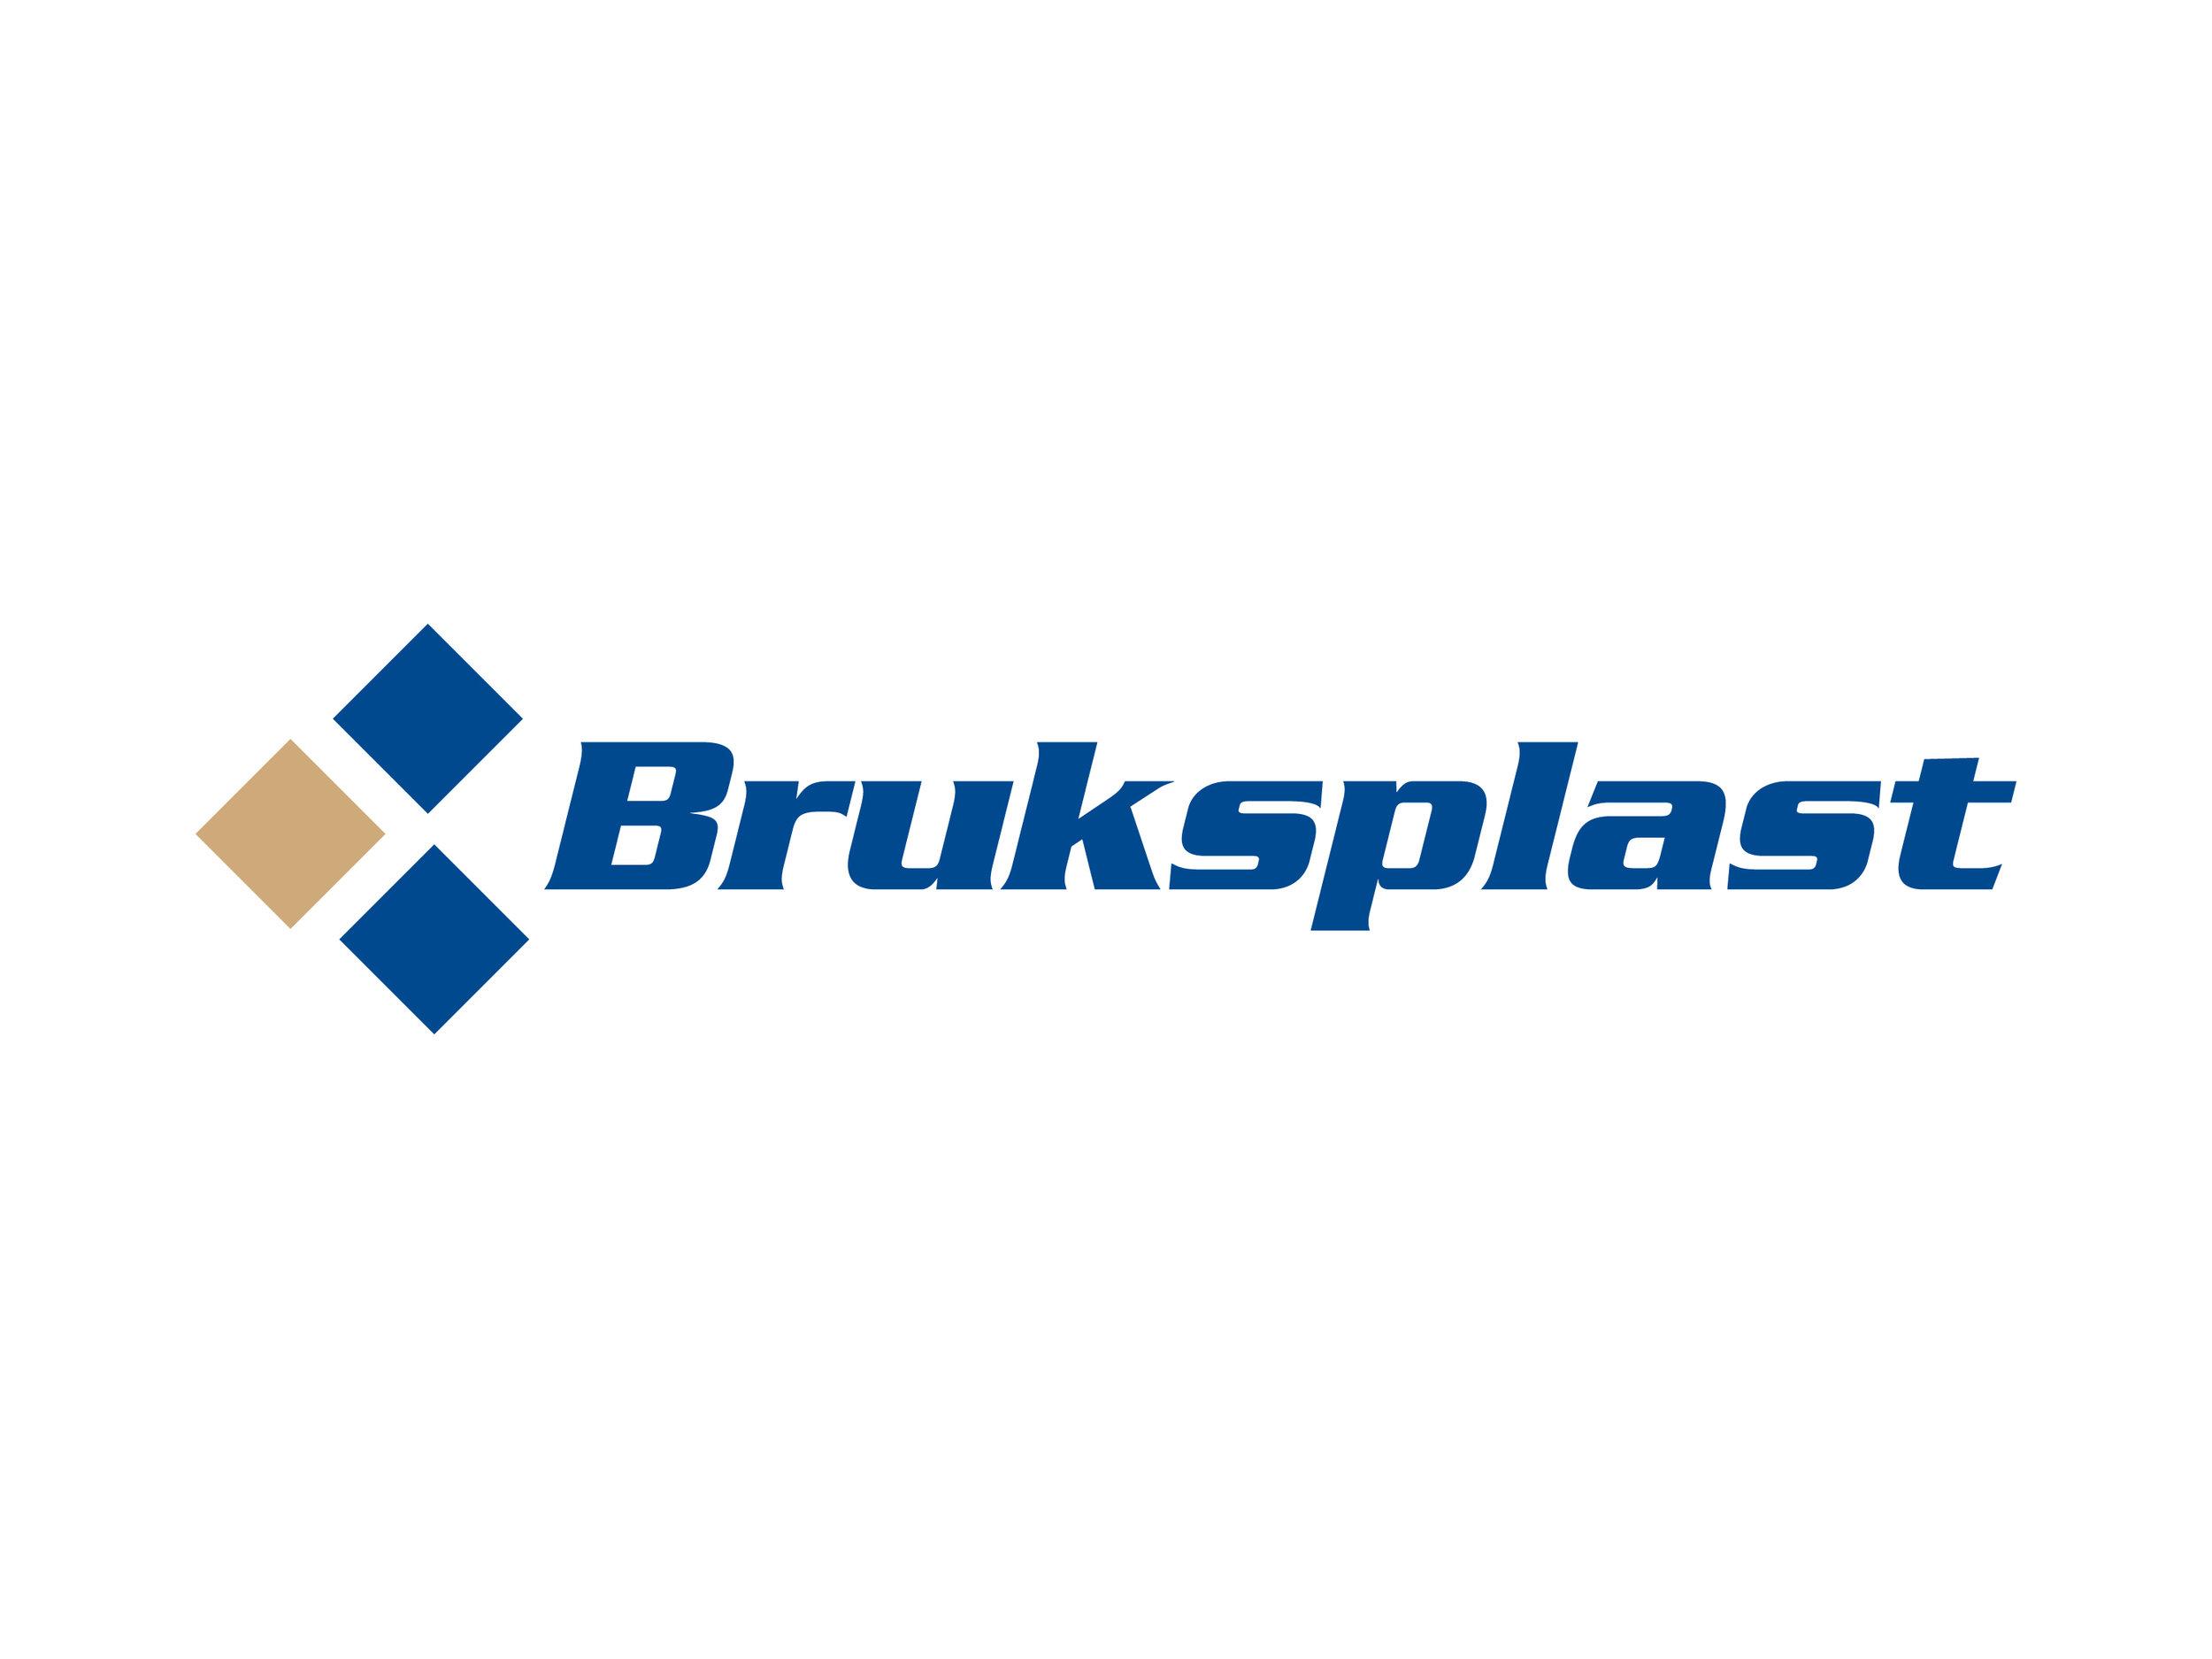 Bruksplast AS Mob: +47 95 73 67 90  Tel: +47 71 58 88 00 E-mail:  bruk@bruksplast.no   Address: Breivikveien 83, Bruhagen , 6530 Averøy  Org nr 981 018 214